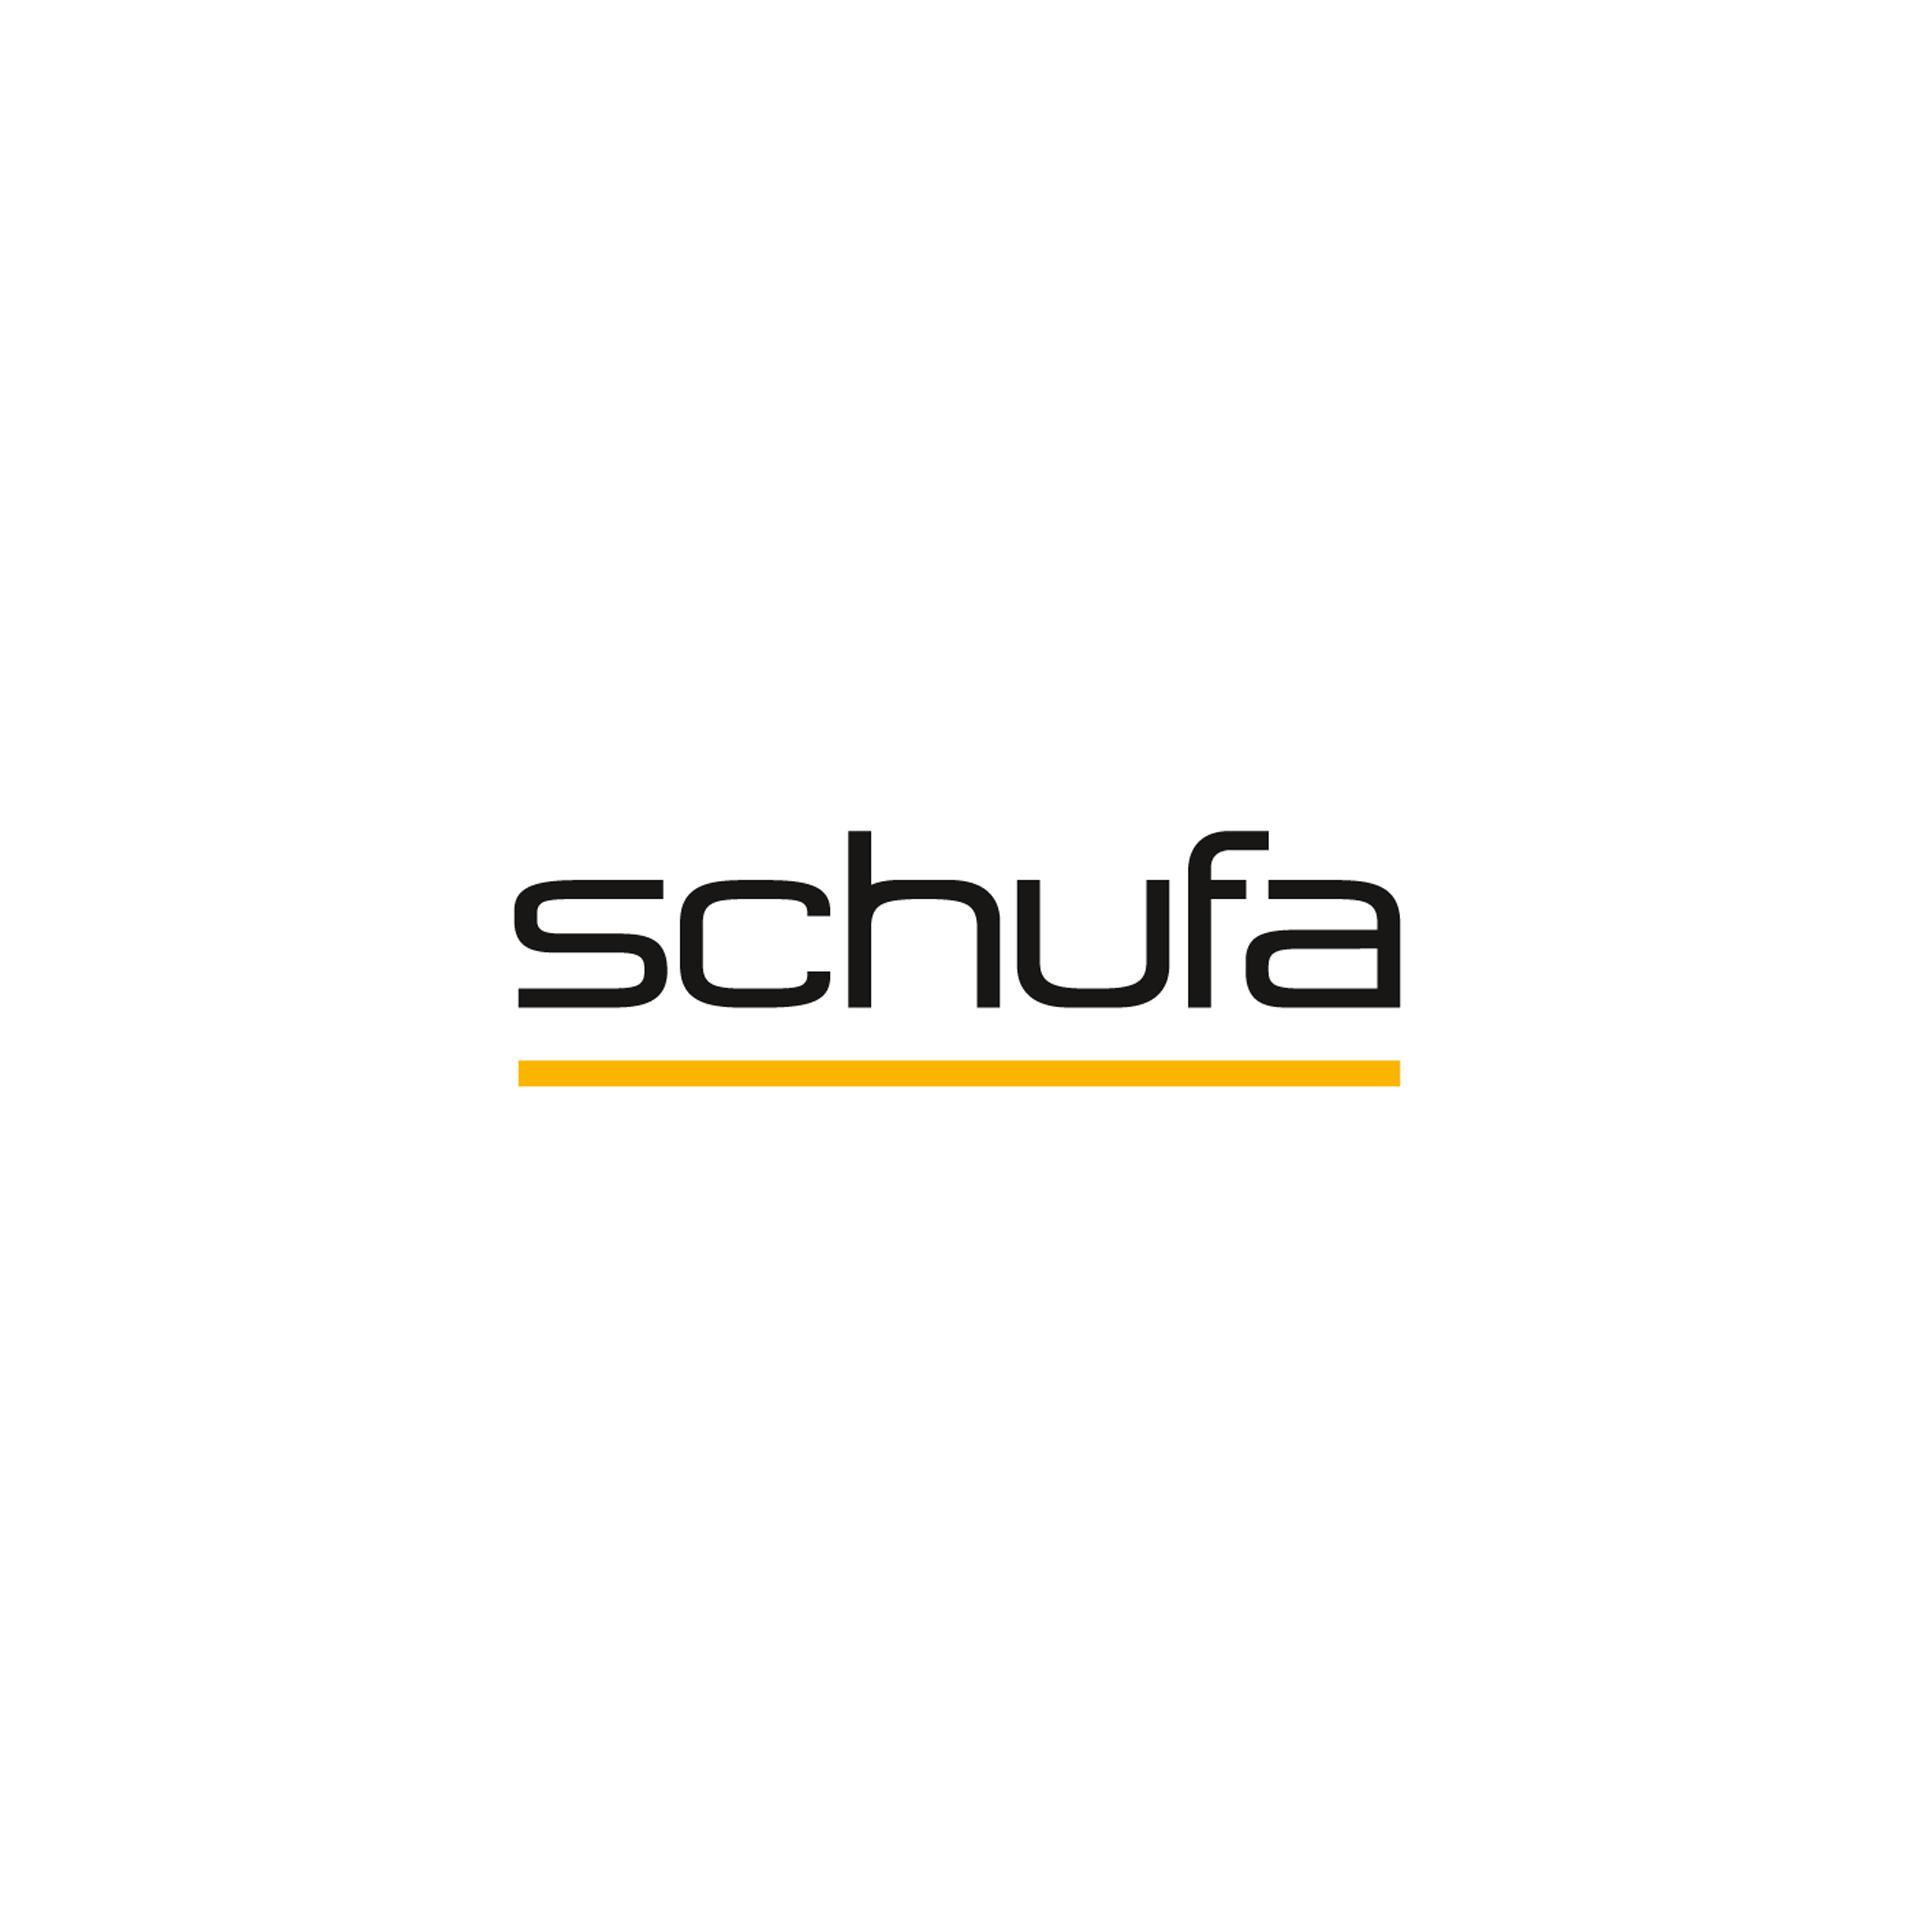 SCHUFA_16-9.jpg